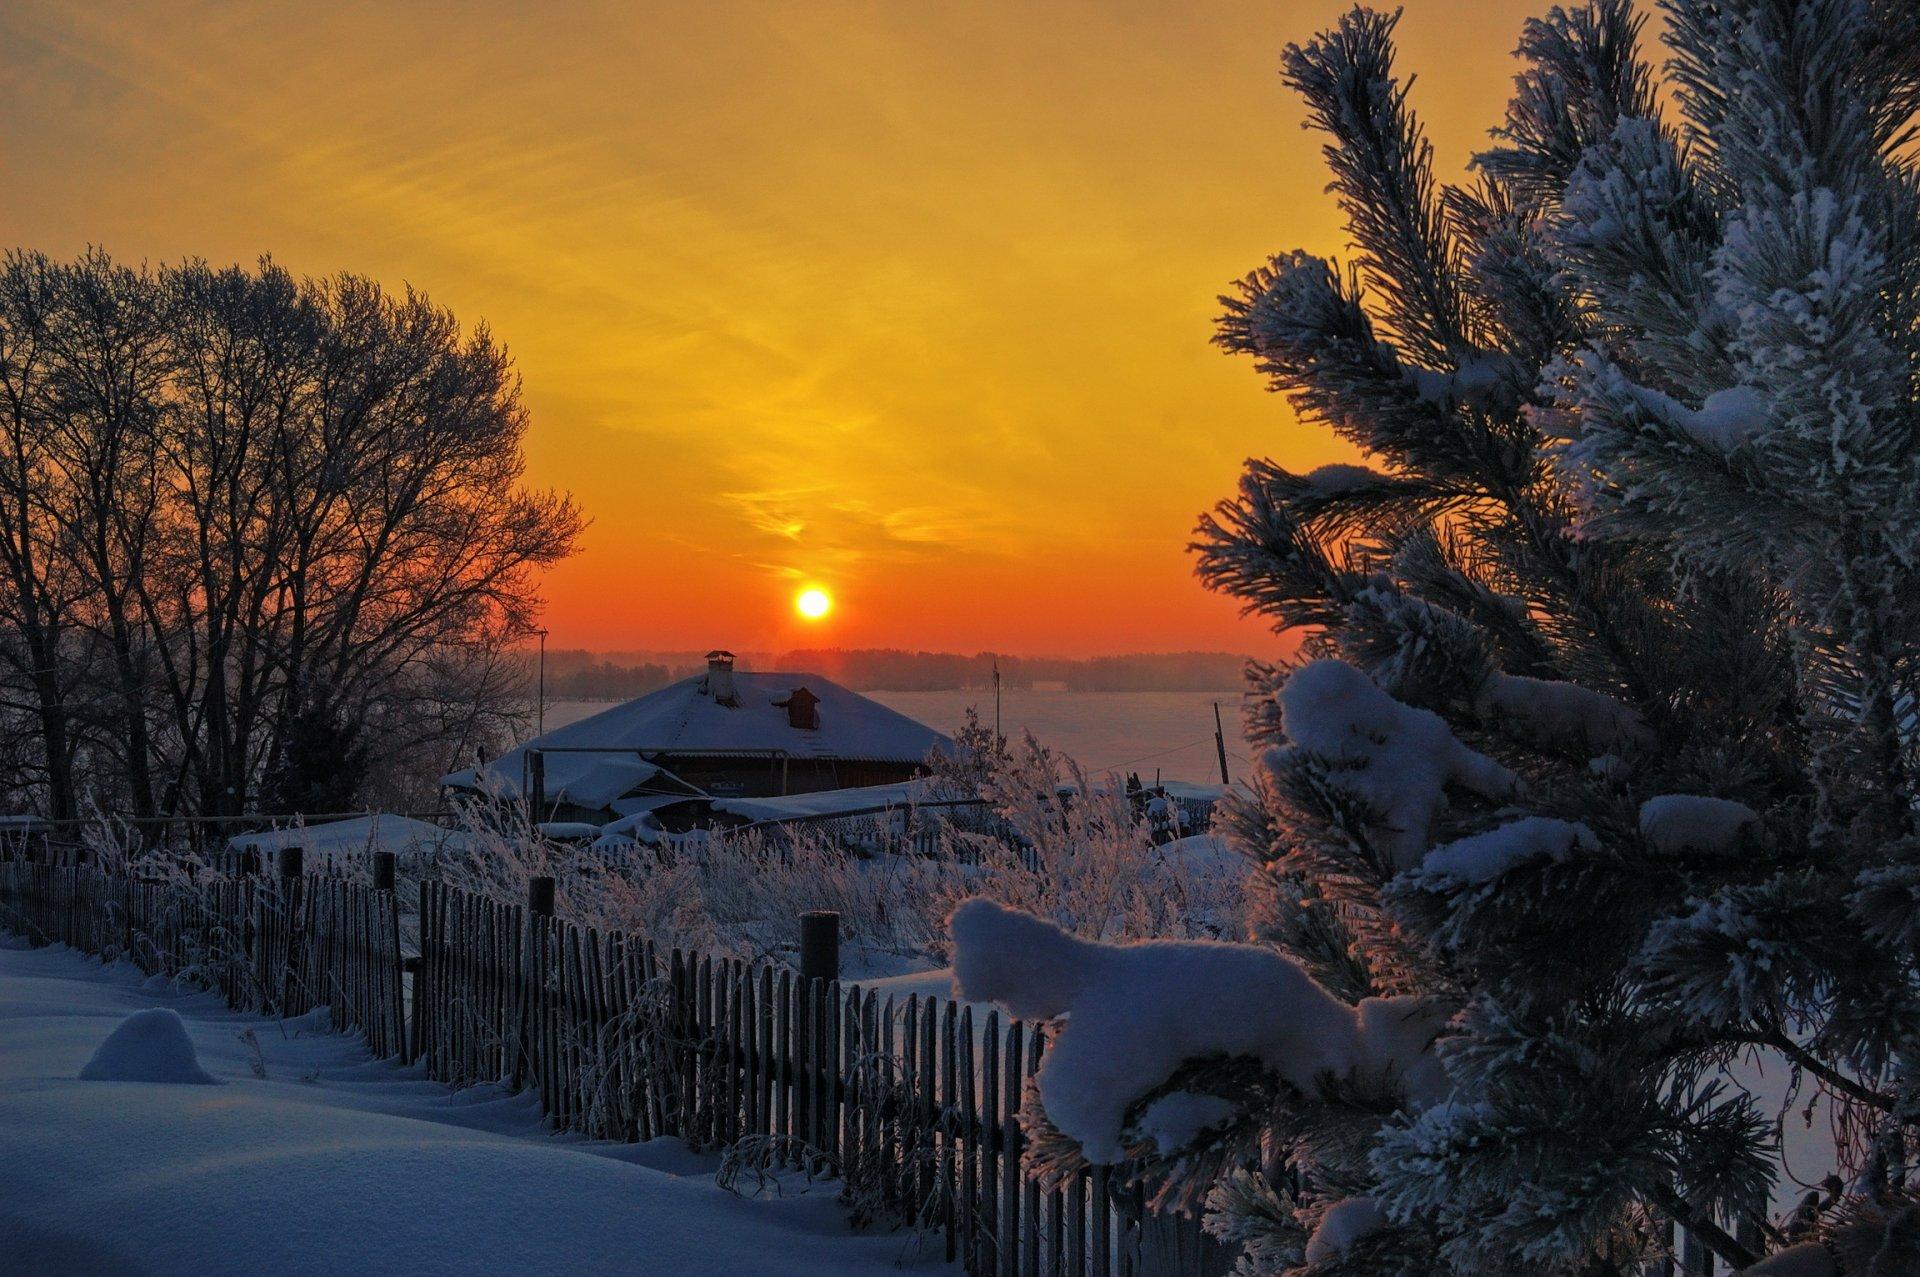 Любимой, картинки зимы с надписями о родном доме